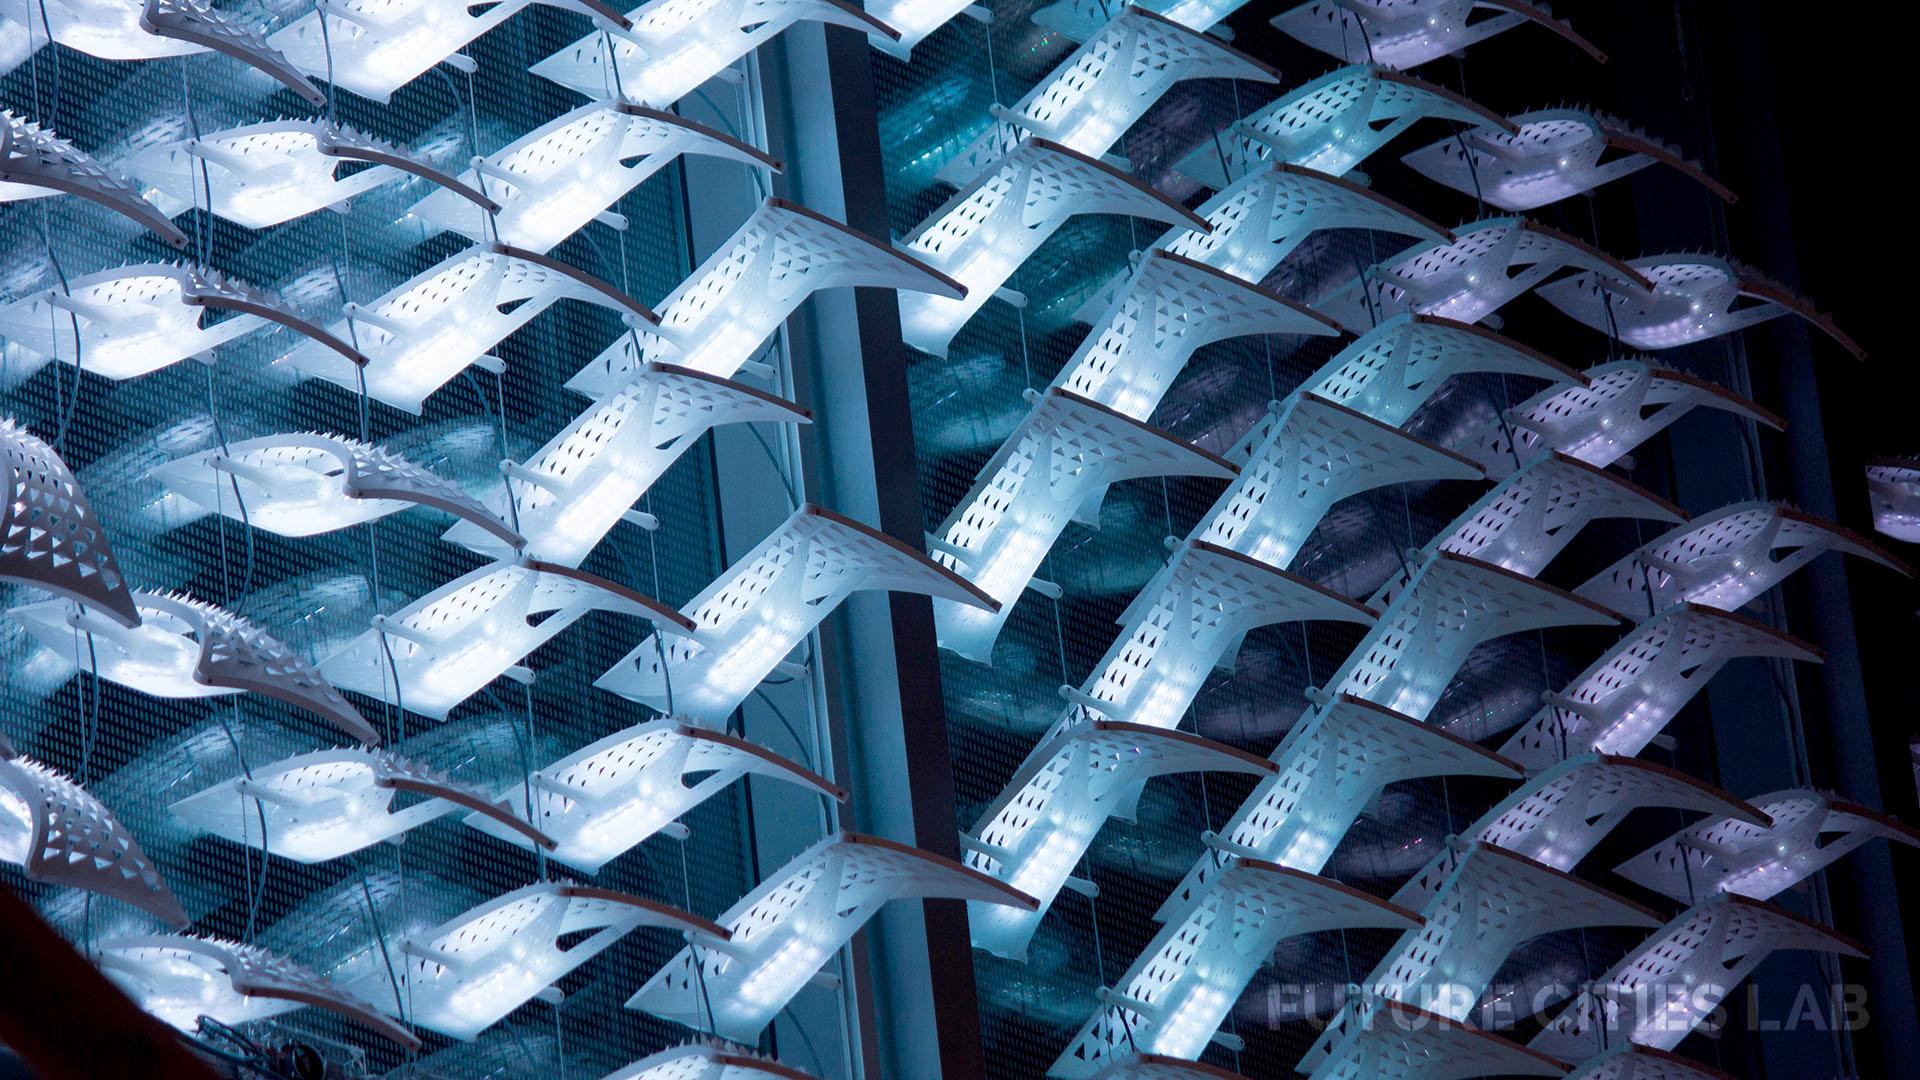 Lightswarm_Modules_FutureCitiesLab_JeffMaeshiro